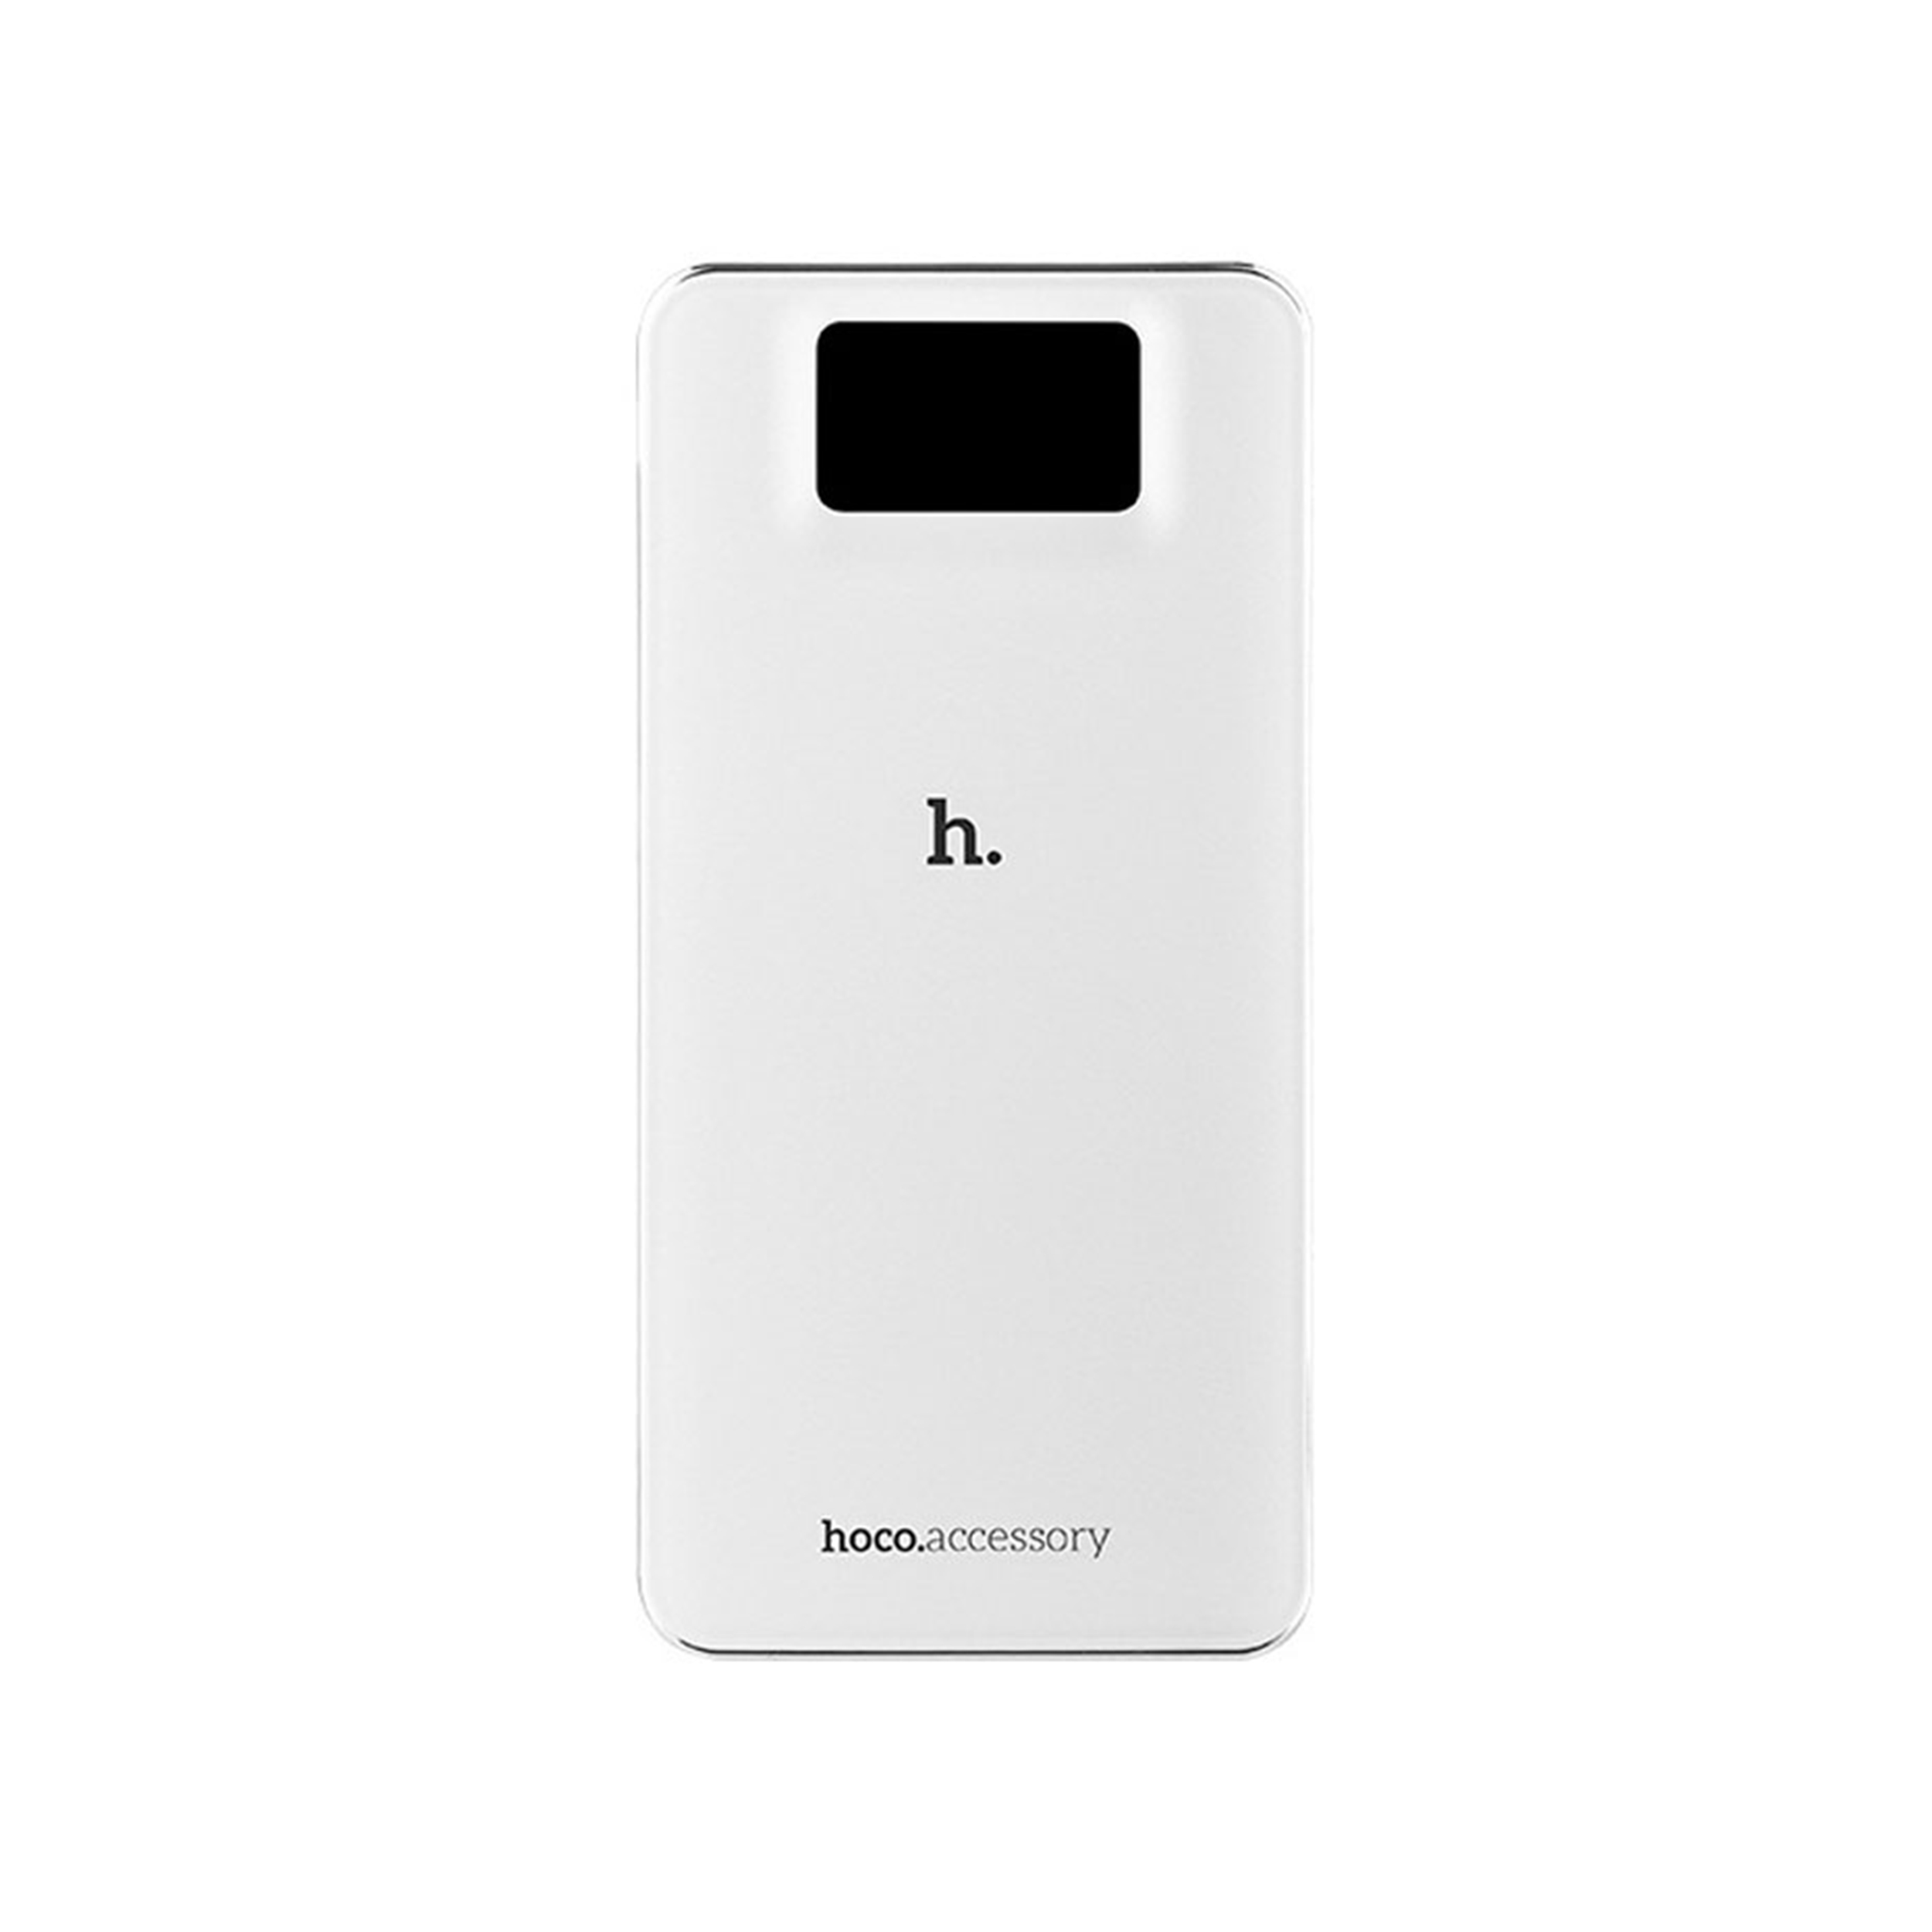 شارژر همراه هوکو مدل UPB05 ظرفیت 10000 میلی آمپر ساعت